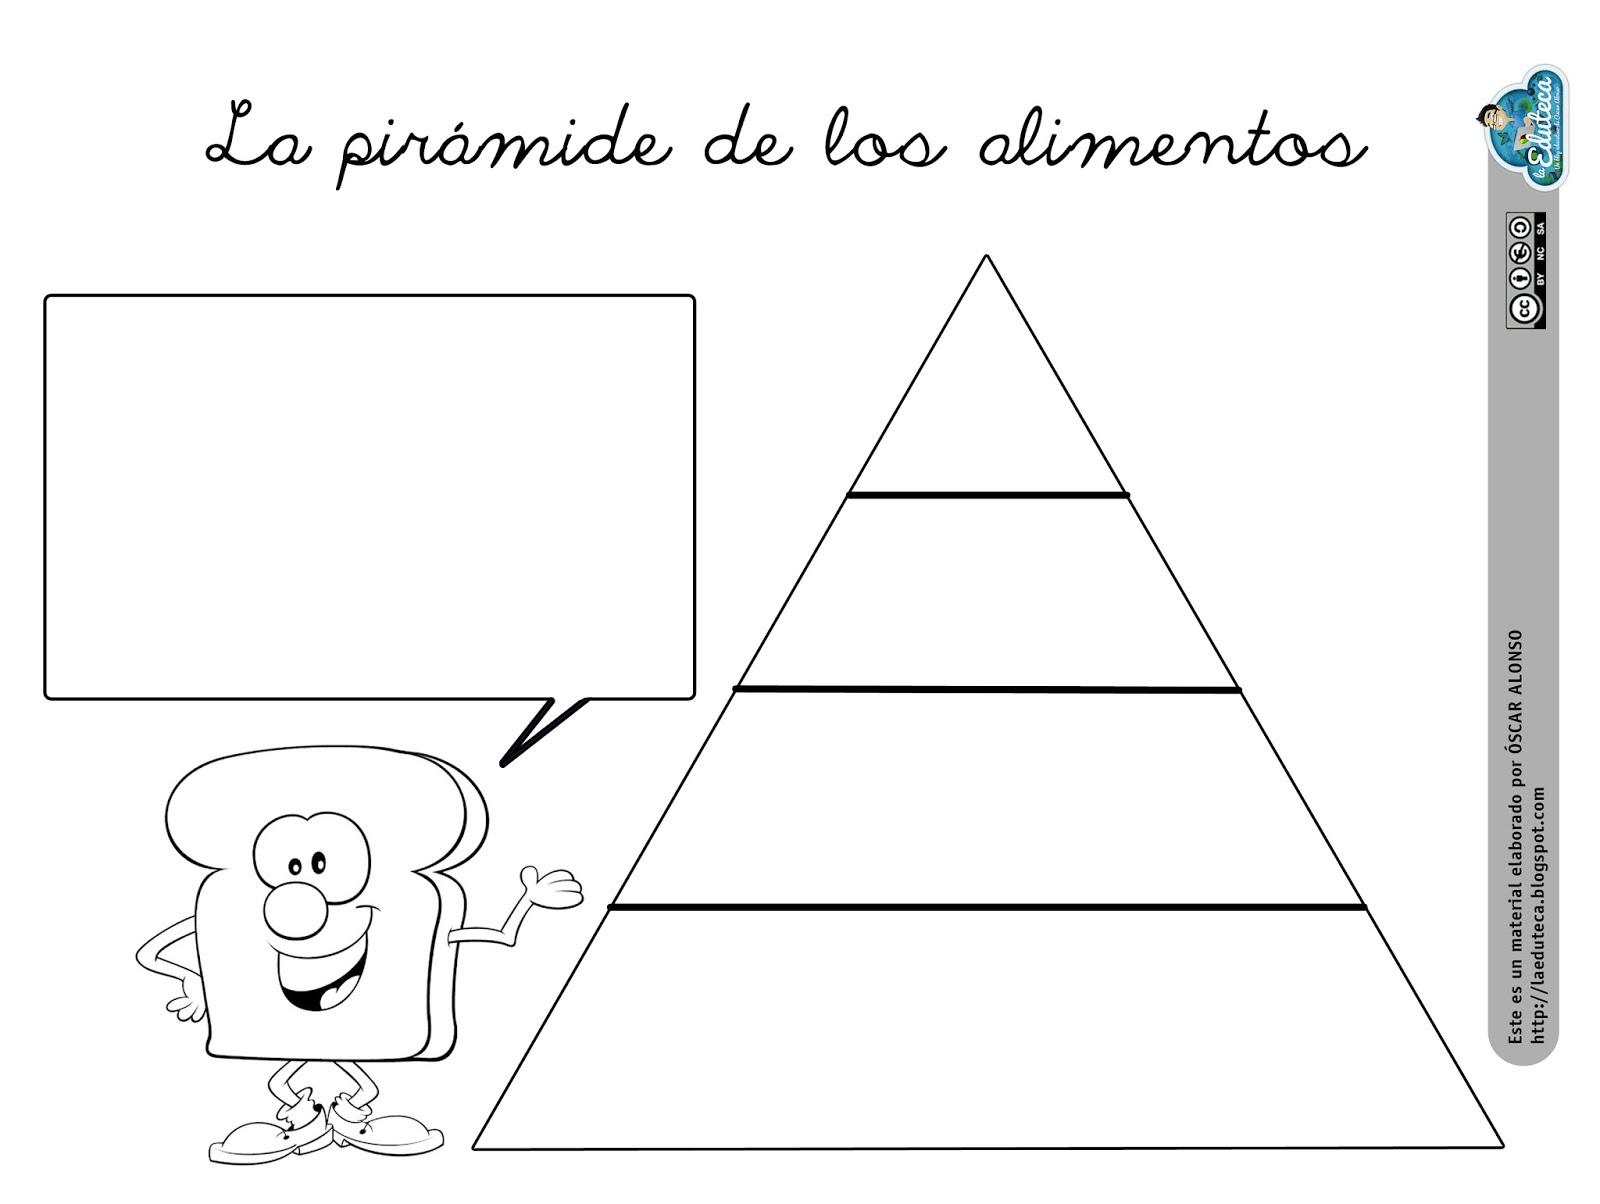 Recursos primaria pir mide de los alimentos para rellenar la eduteca - Piramide alimenticia para ninos para colorear ...